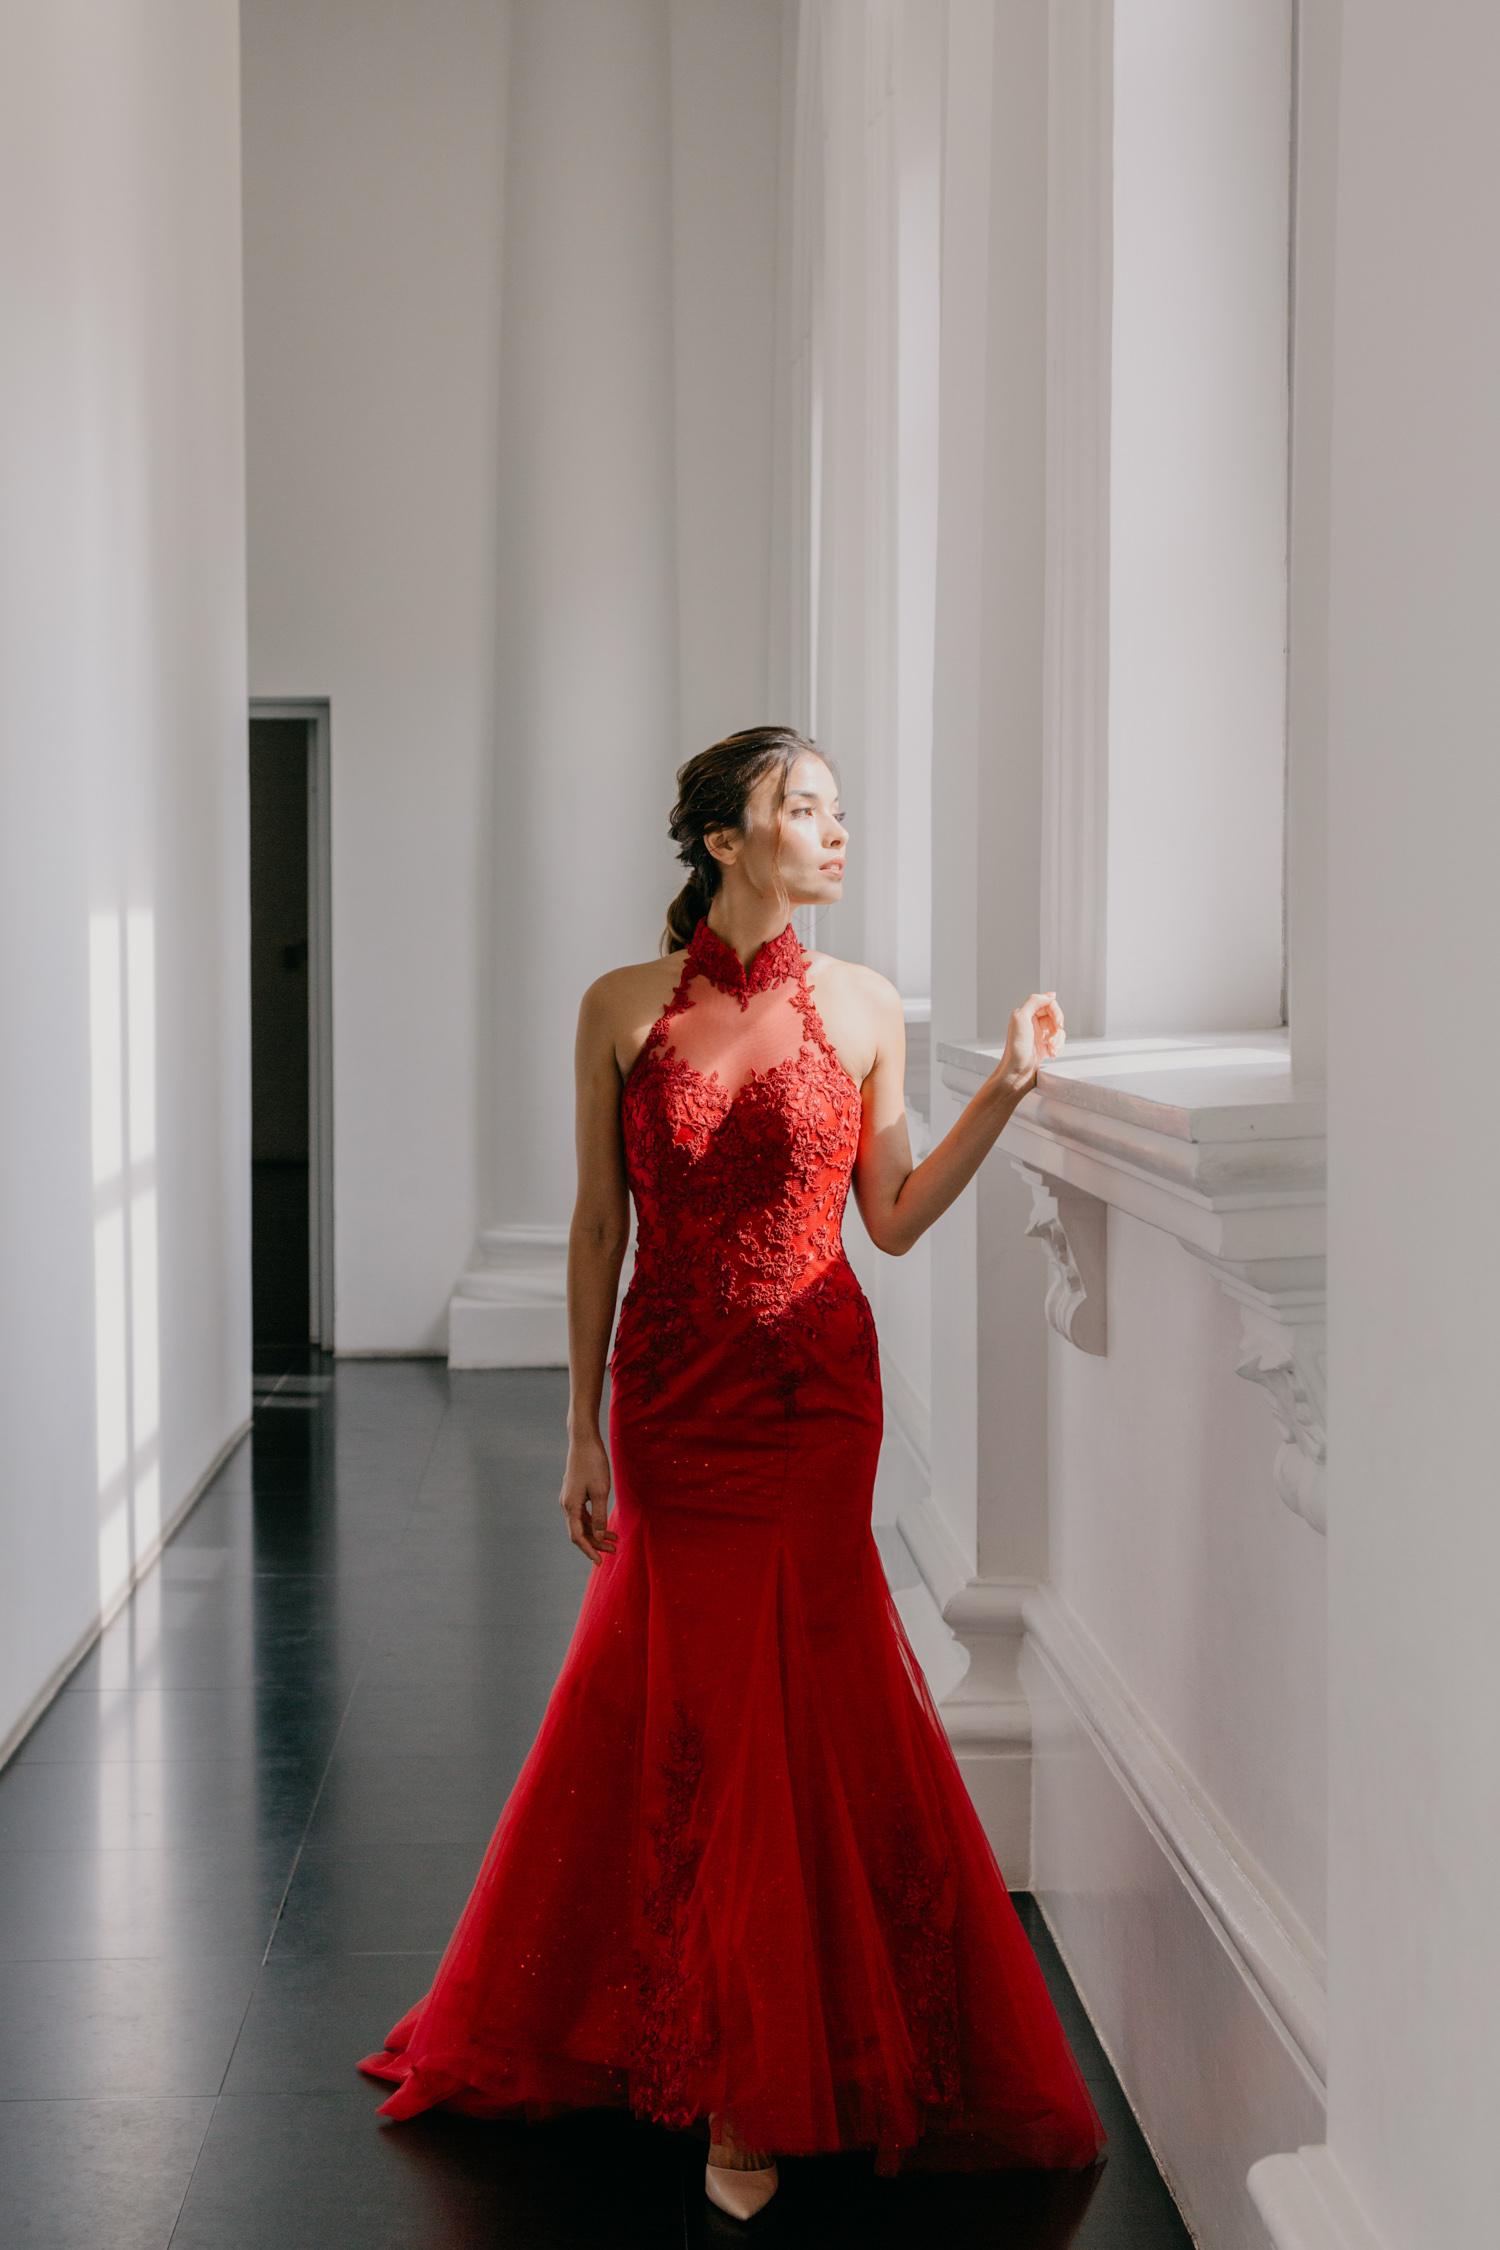 Red cheongsam by CCM Wedding